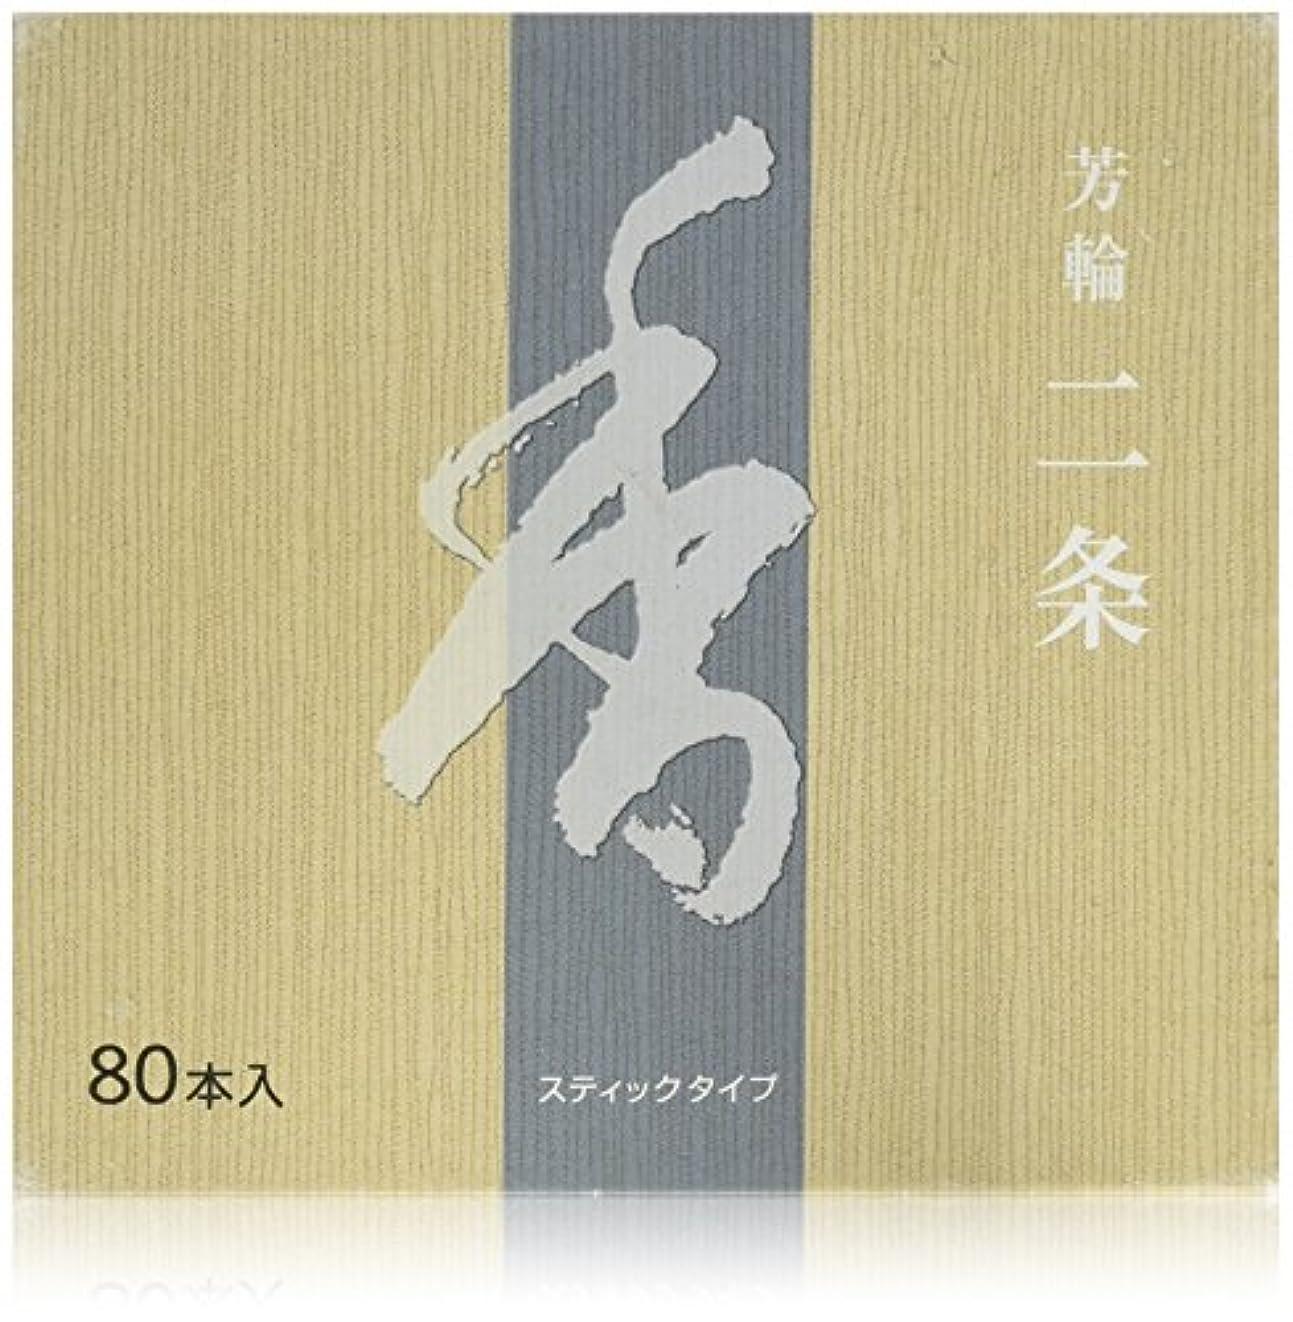 リダクターありふれた昆虫松栄堂のお香 芳輪二条 ST徳用80本入 簡易香立付 #210124